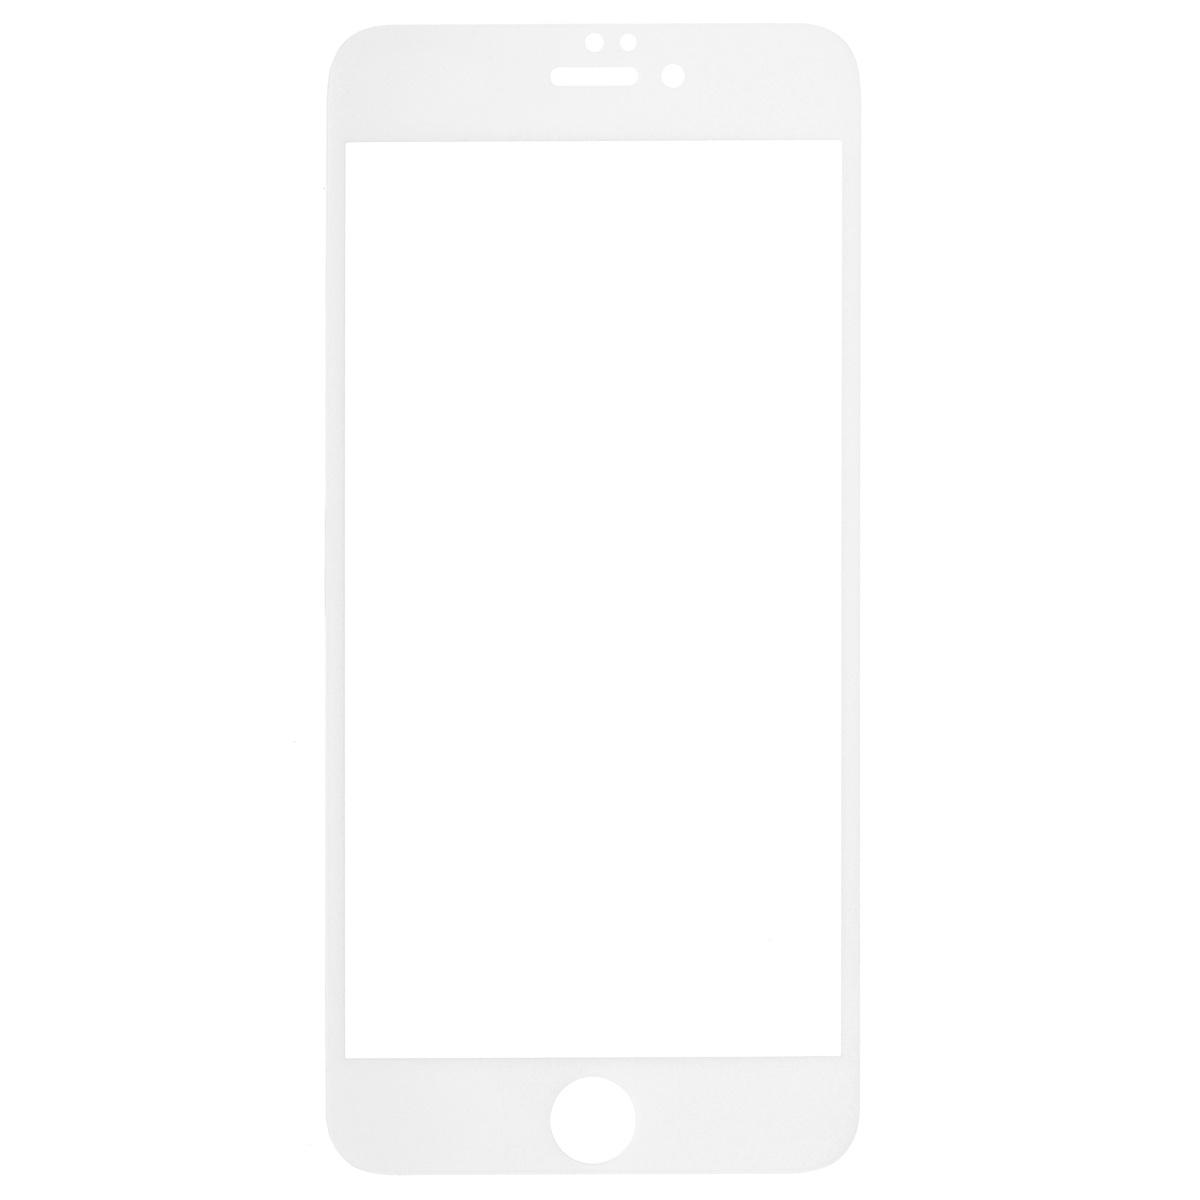 Highscreen защитное стекло для iPhone 6 Plus, белая рамка0L-00000522Защитное стекло Highscreen дляiPhone 6 Plus - надежная защита экрана смартфона от грязи, пыли, отпечатков пальцев и царапин. Стекло изготовлено точно по размеру экрана, отличается кристальной прозрачностью и имеет все необходимые прорези.